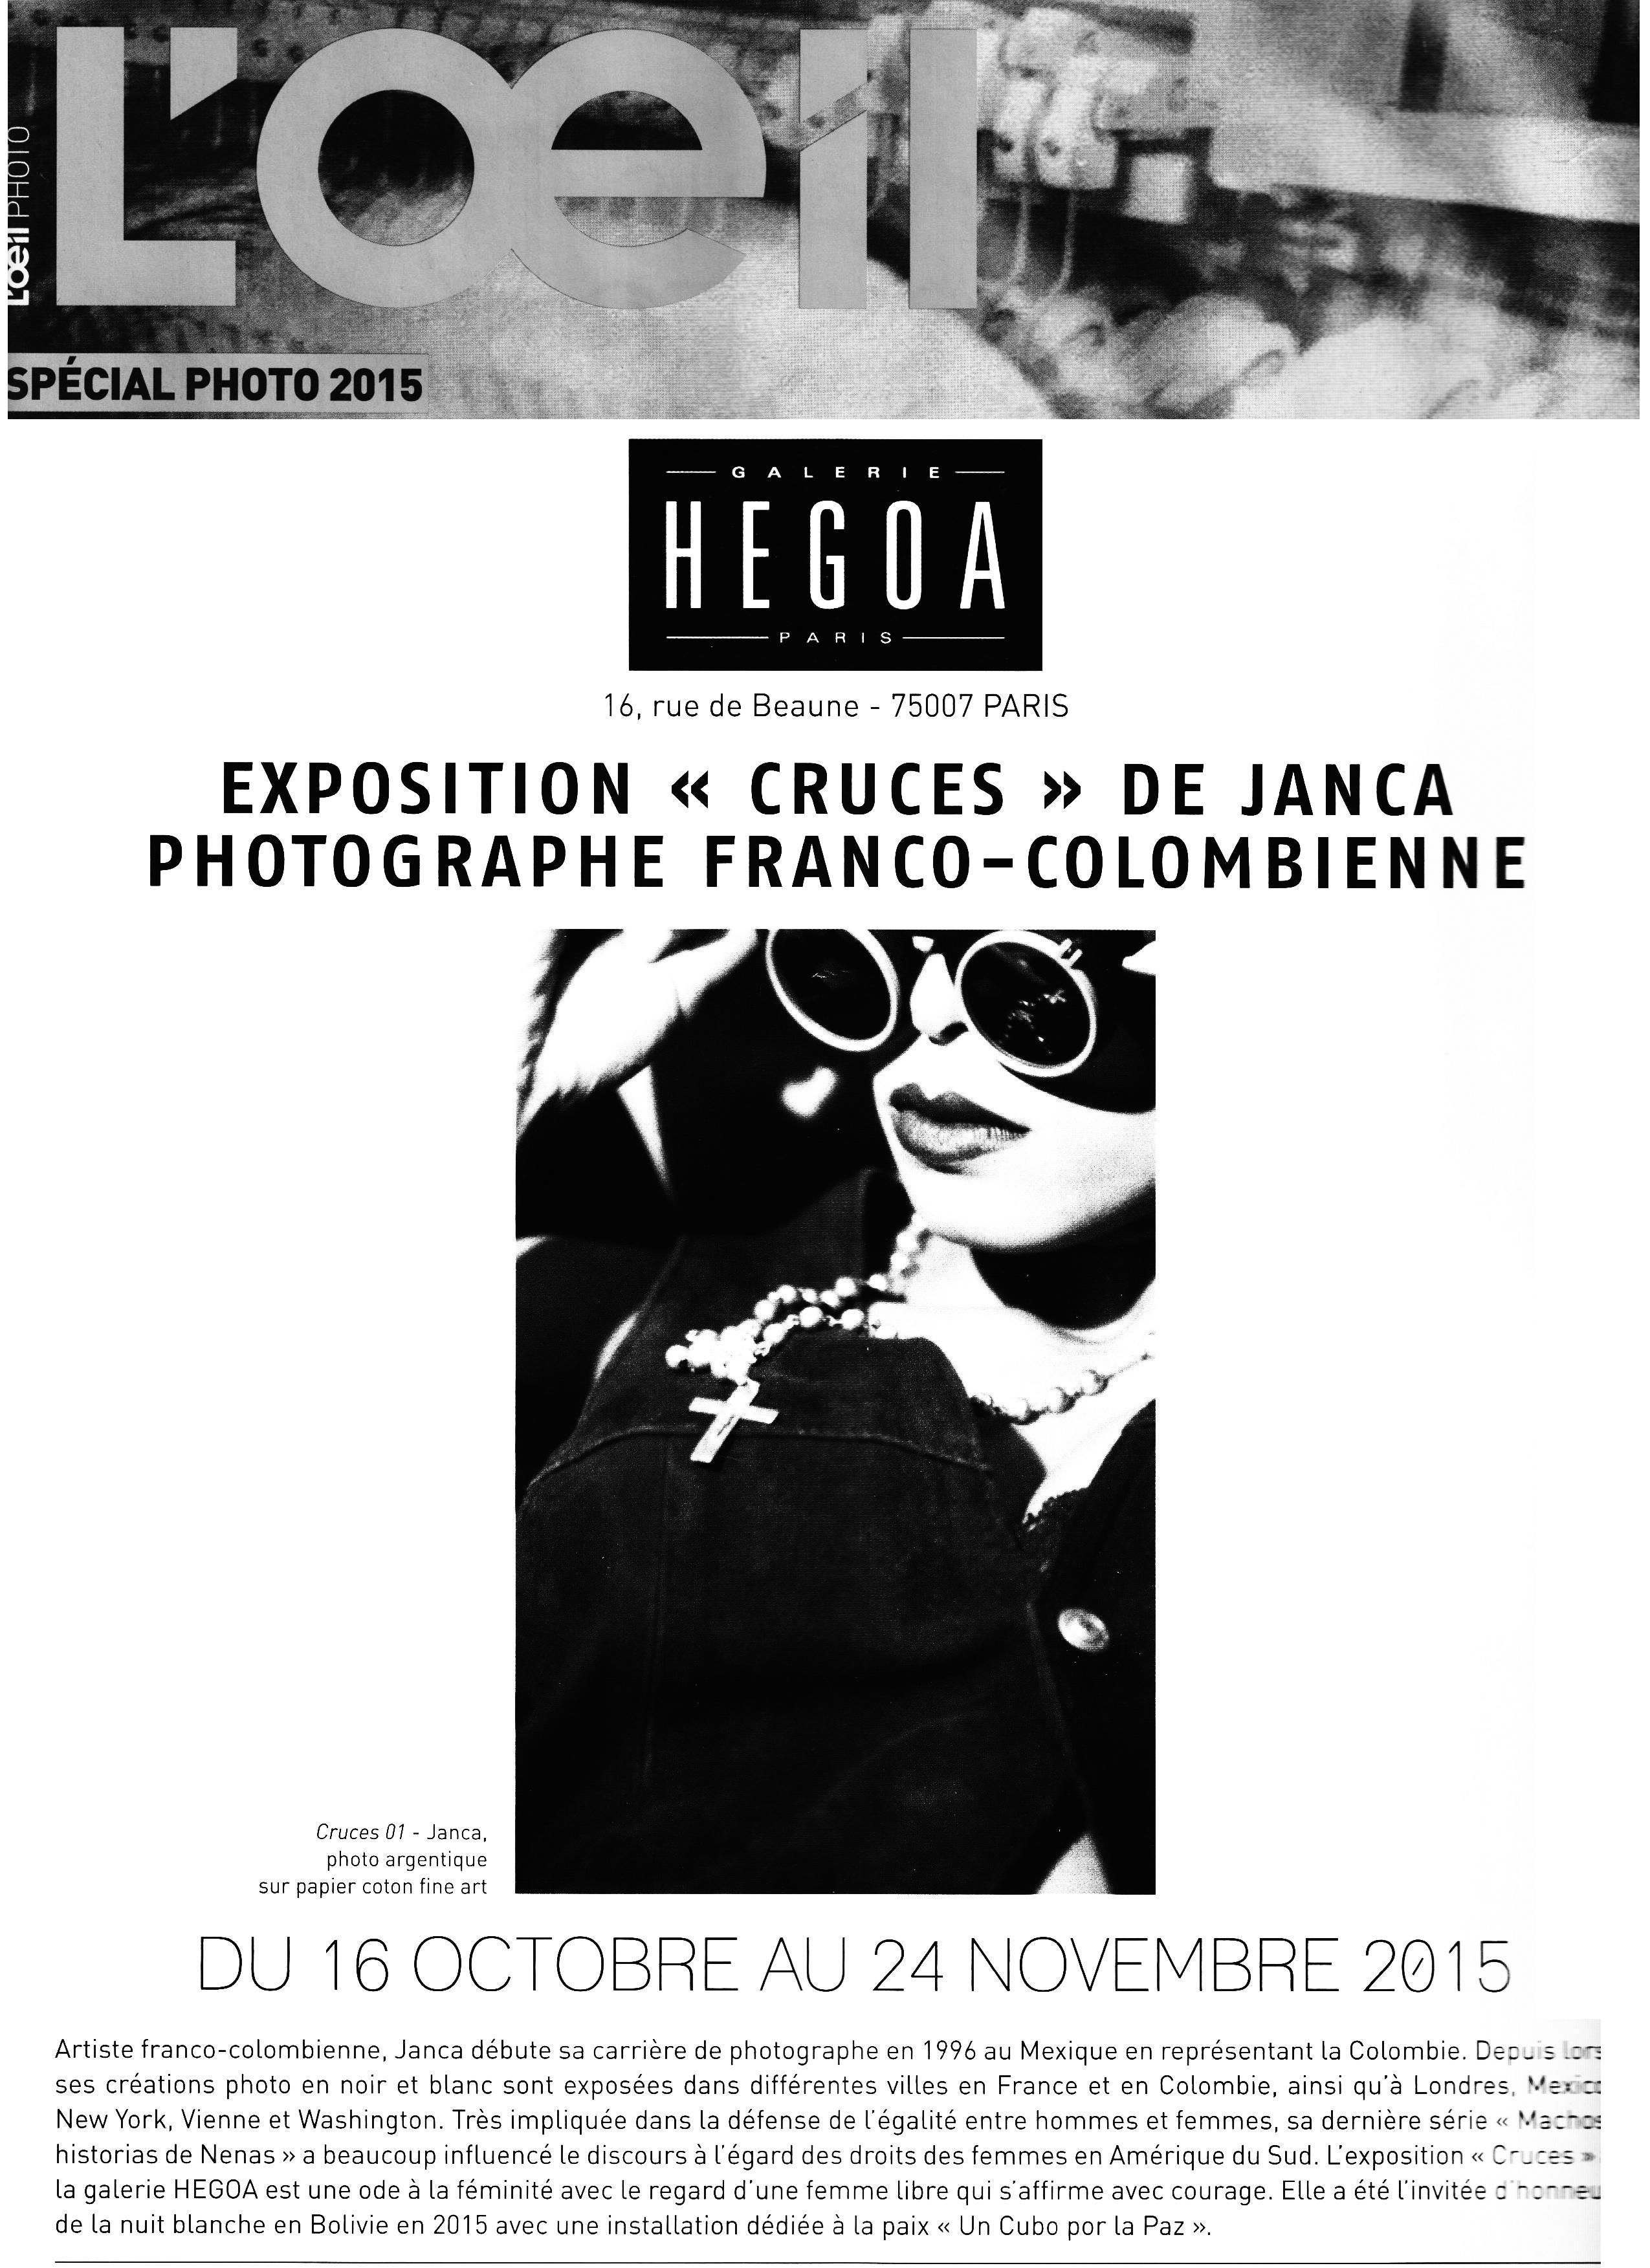 2O15 - PARIS - L oeil Photo c